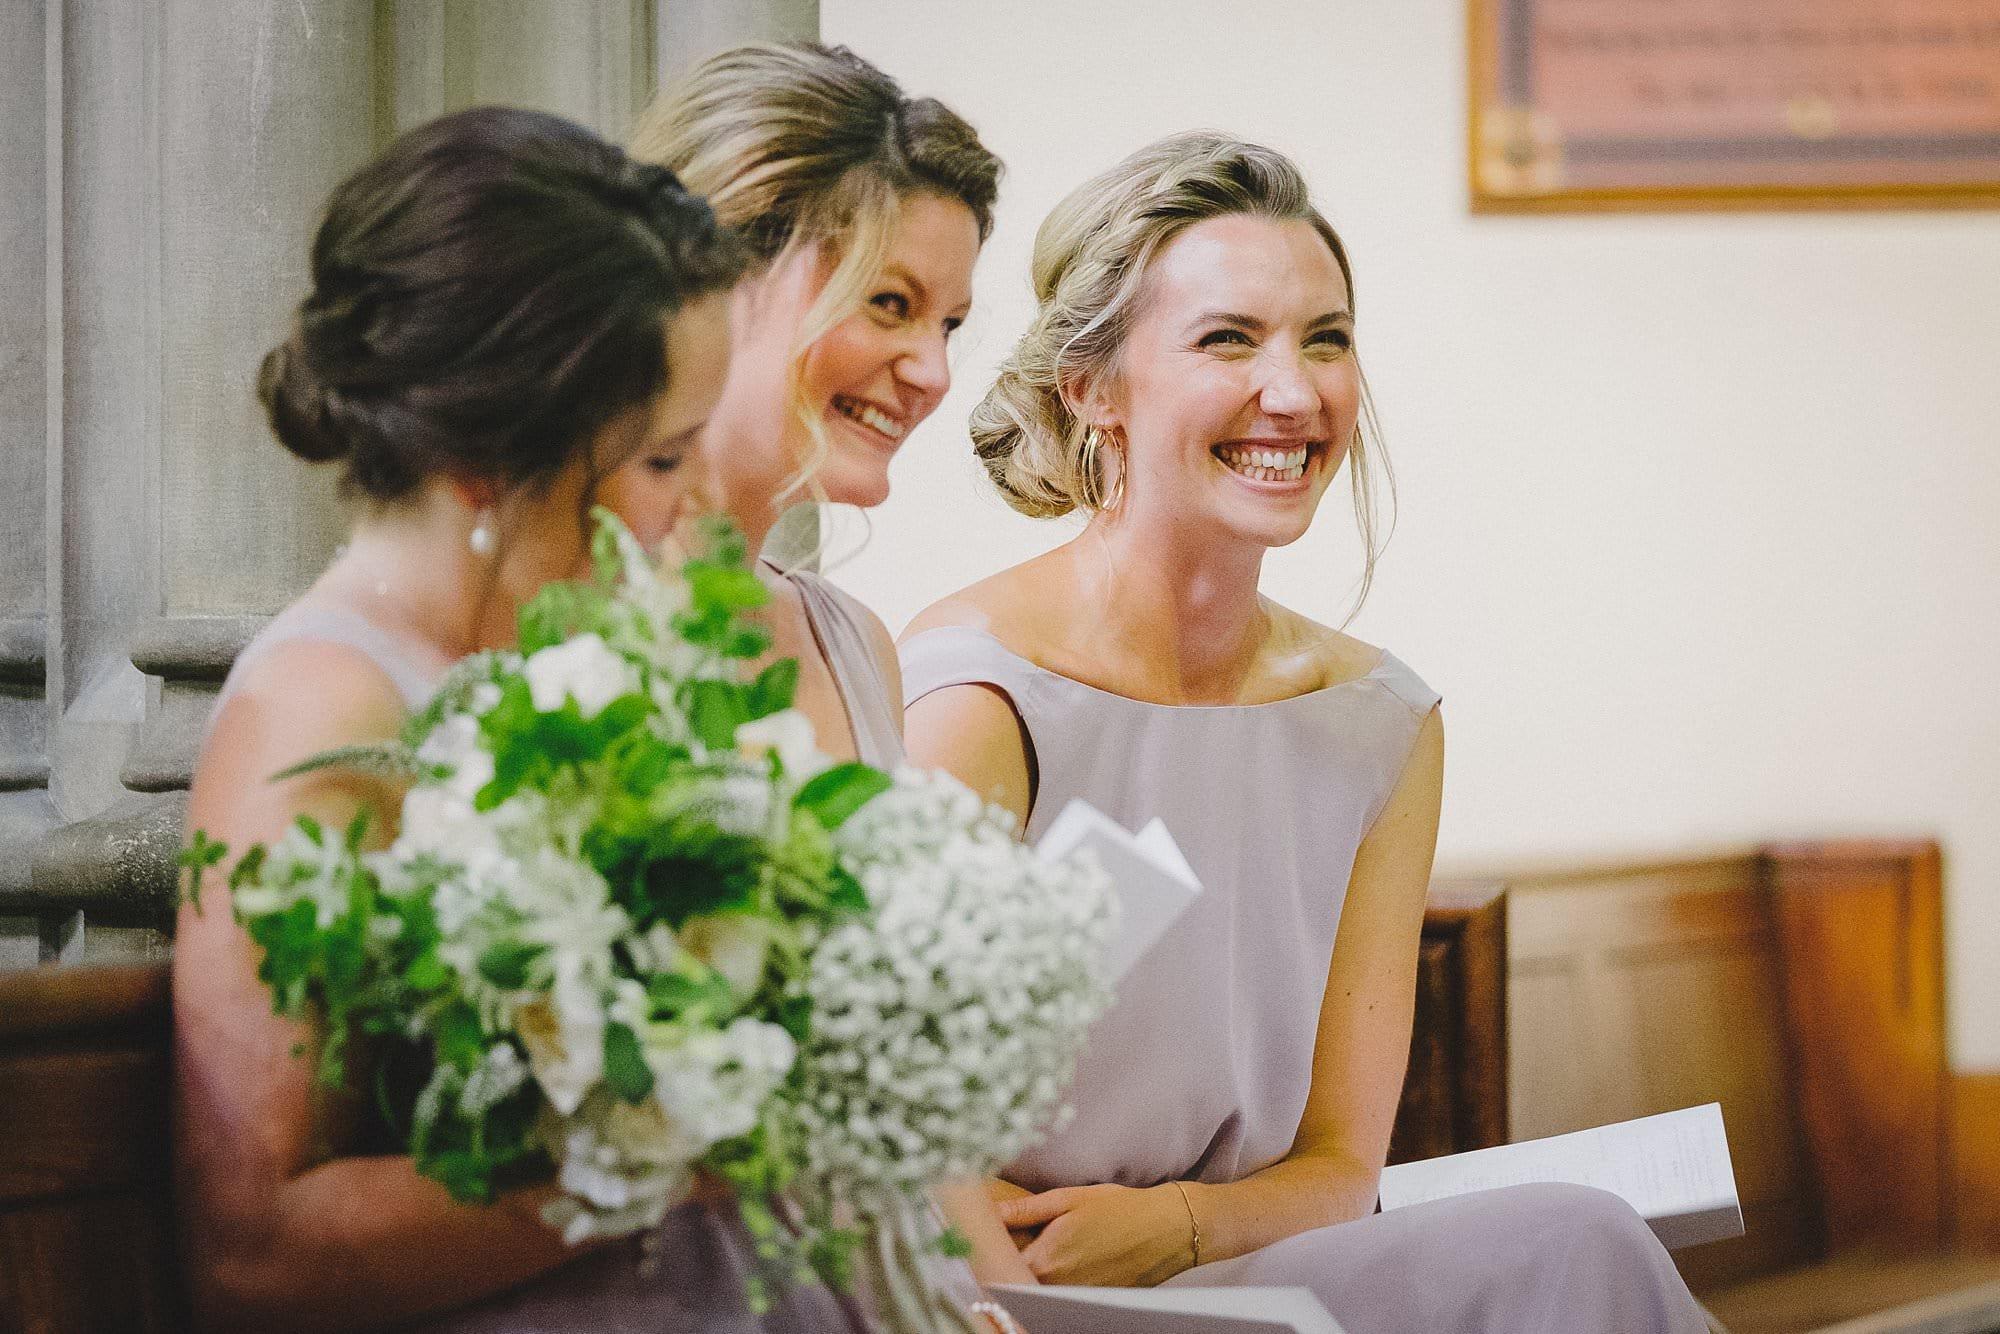 fulham palace wedding photographer 036 - Rosanna & Duncan's Fulham Palace Wedding